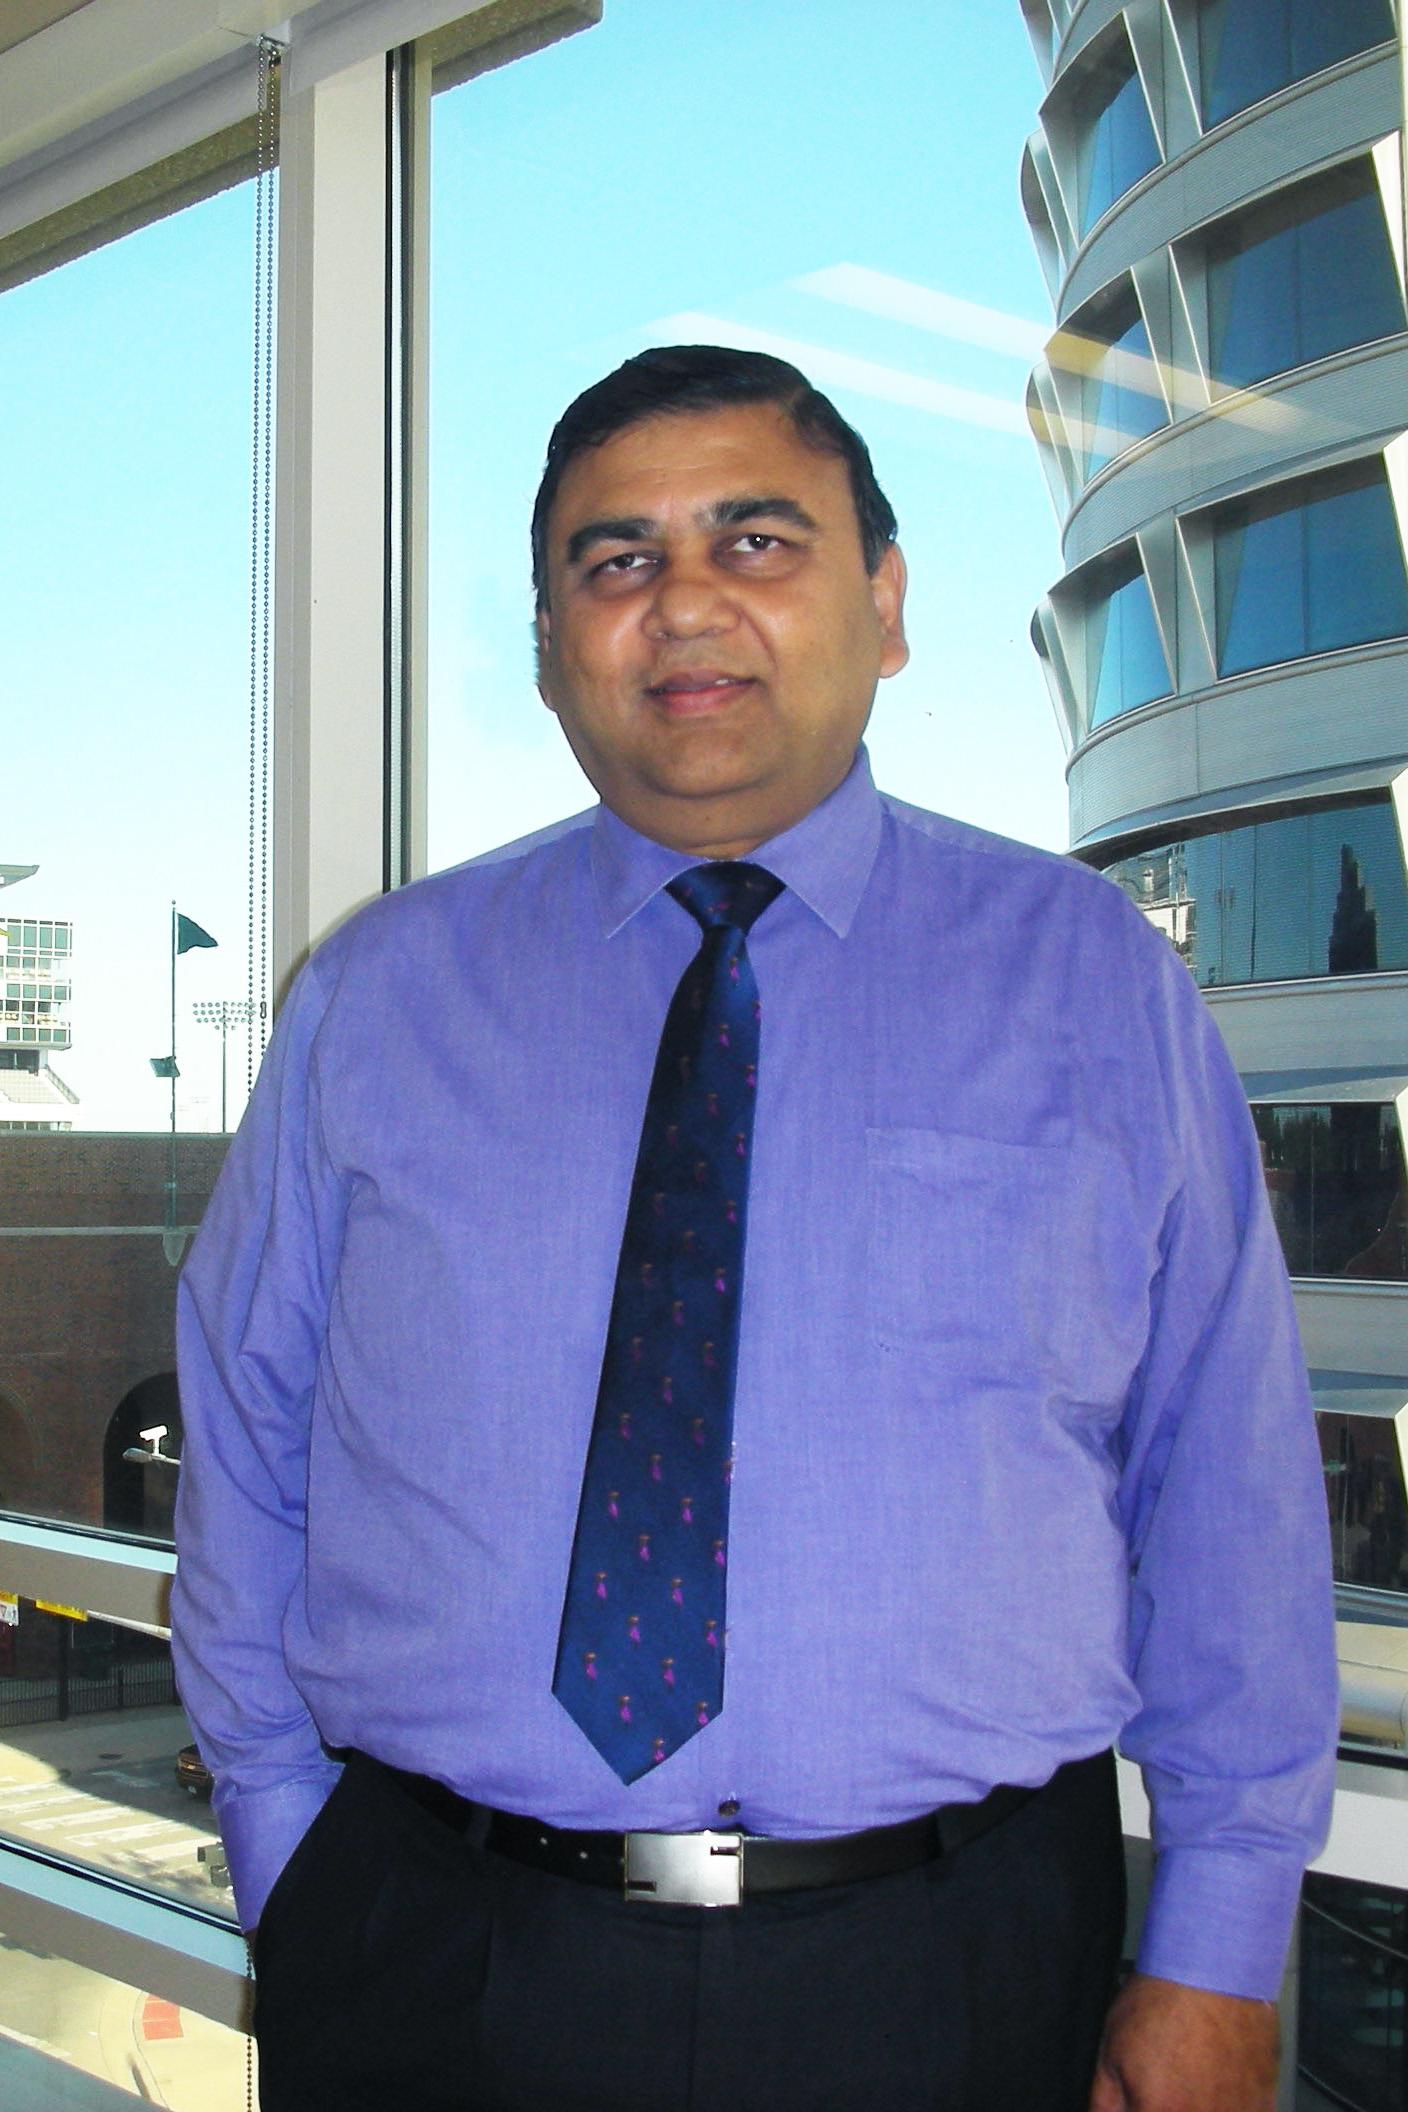 Rahul Rastogi, MBBS